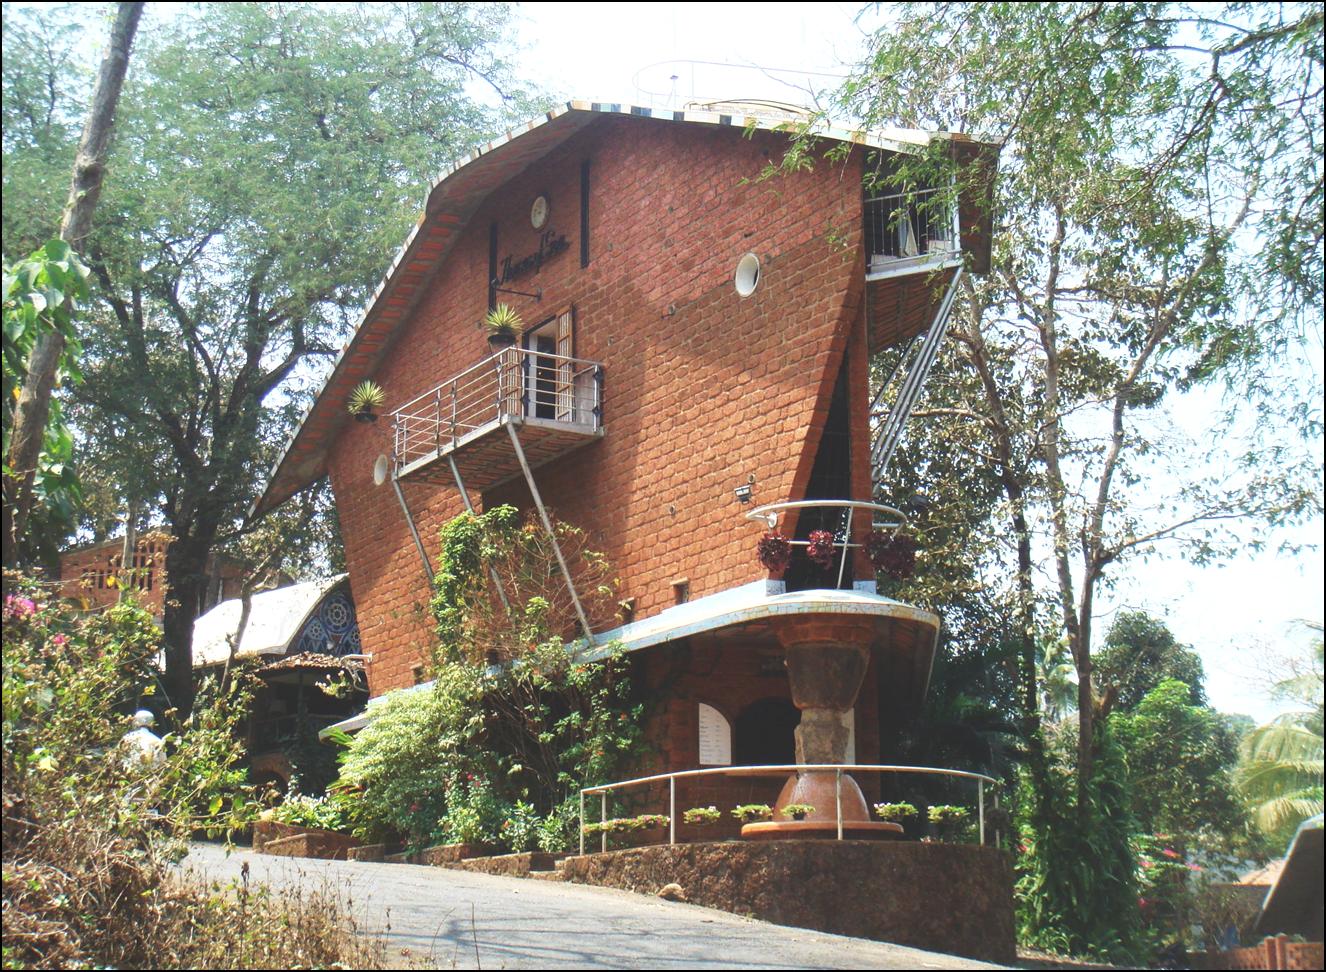 Creative insomnia my literature for Architecture design for home in goa